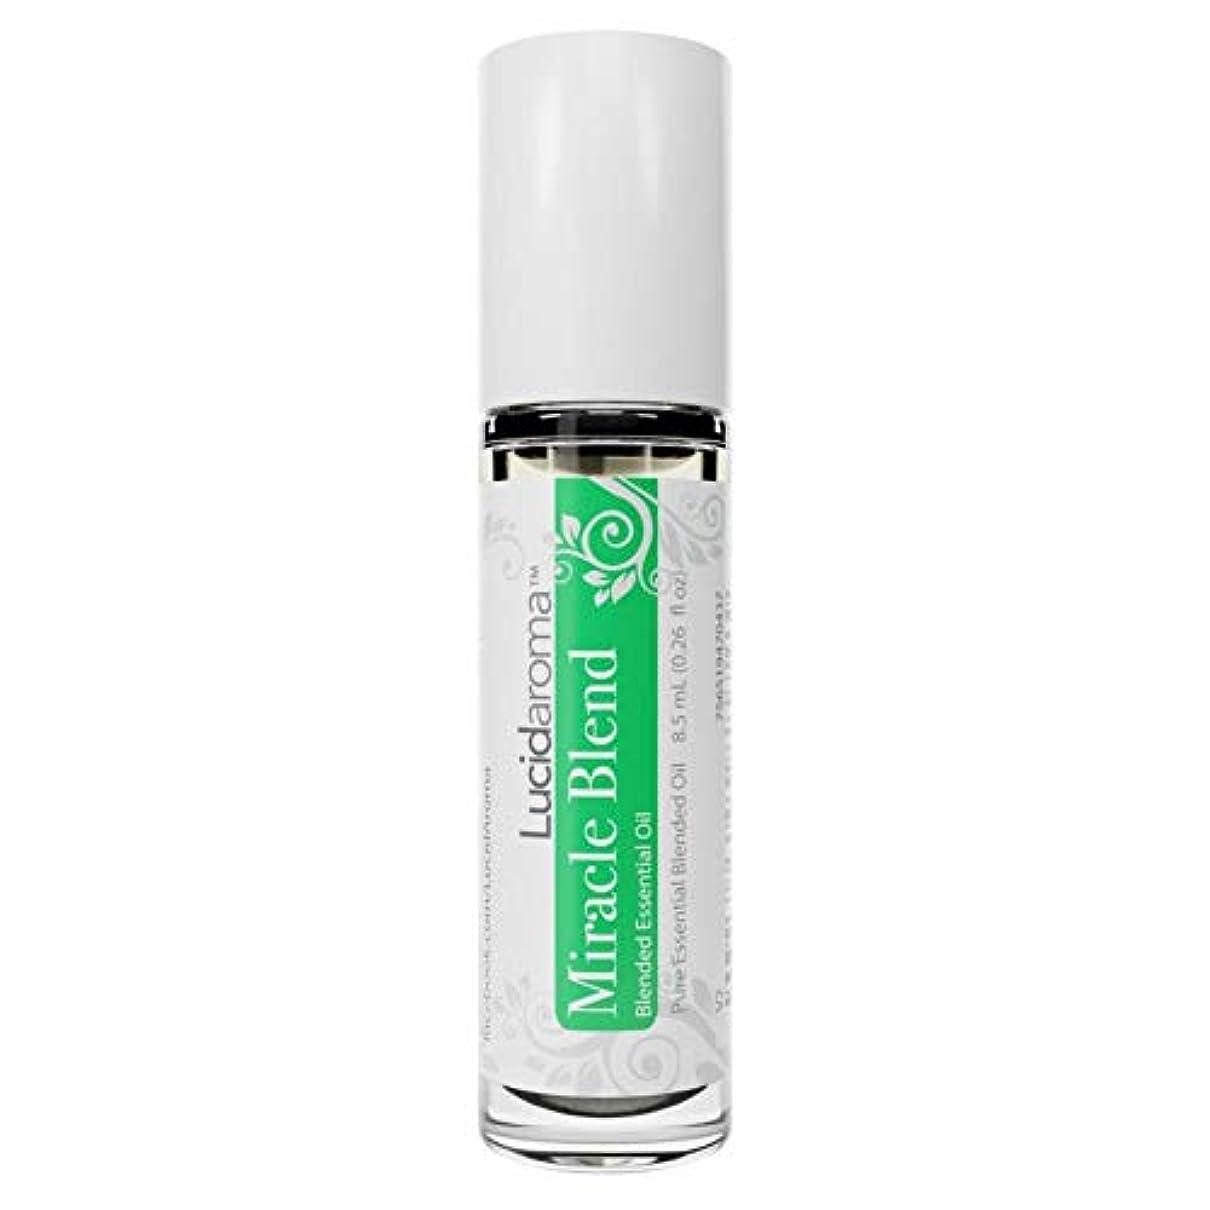 重量キラウエア山カニLucid Aroma Miracle Blend ミラクル ブレンド ロールオン アロマオイル 8.5mL (塗るアロマ) 100%天然 携帯便利 ピュア エッセンシャル アメリカ製